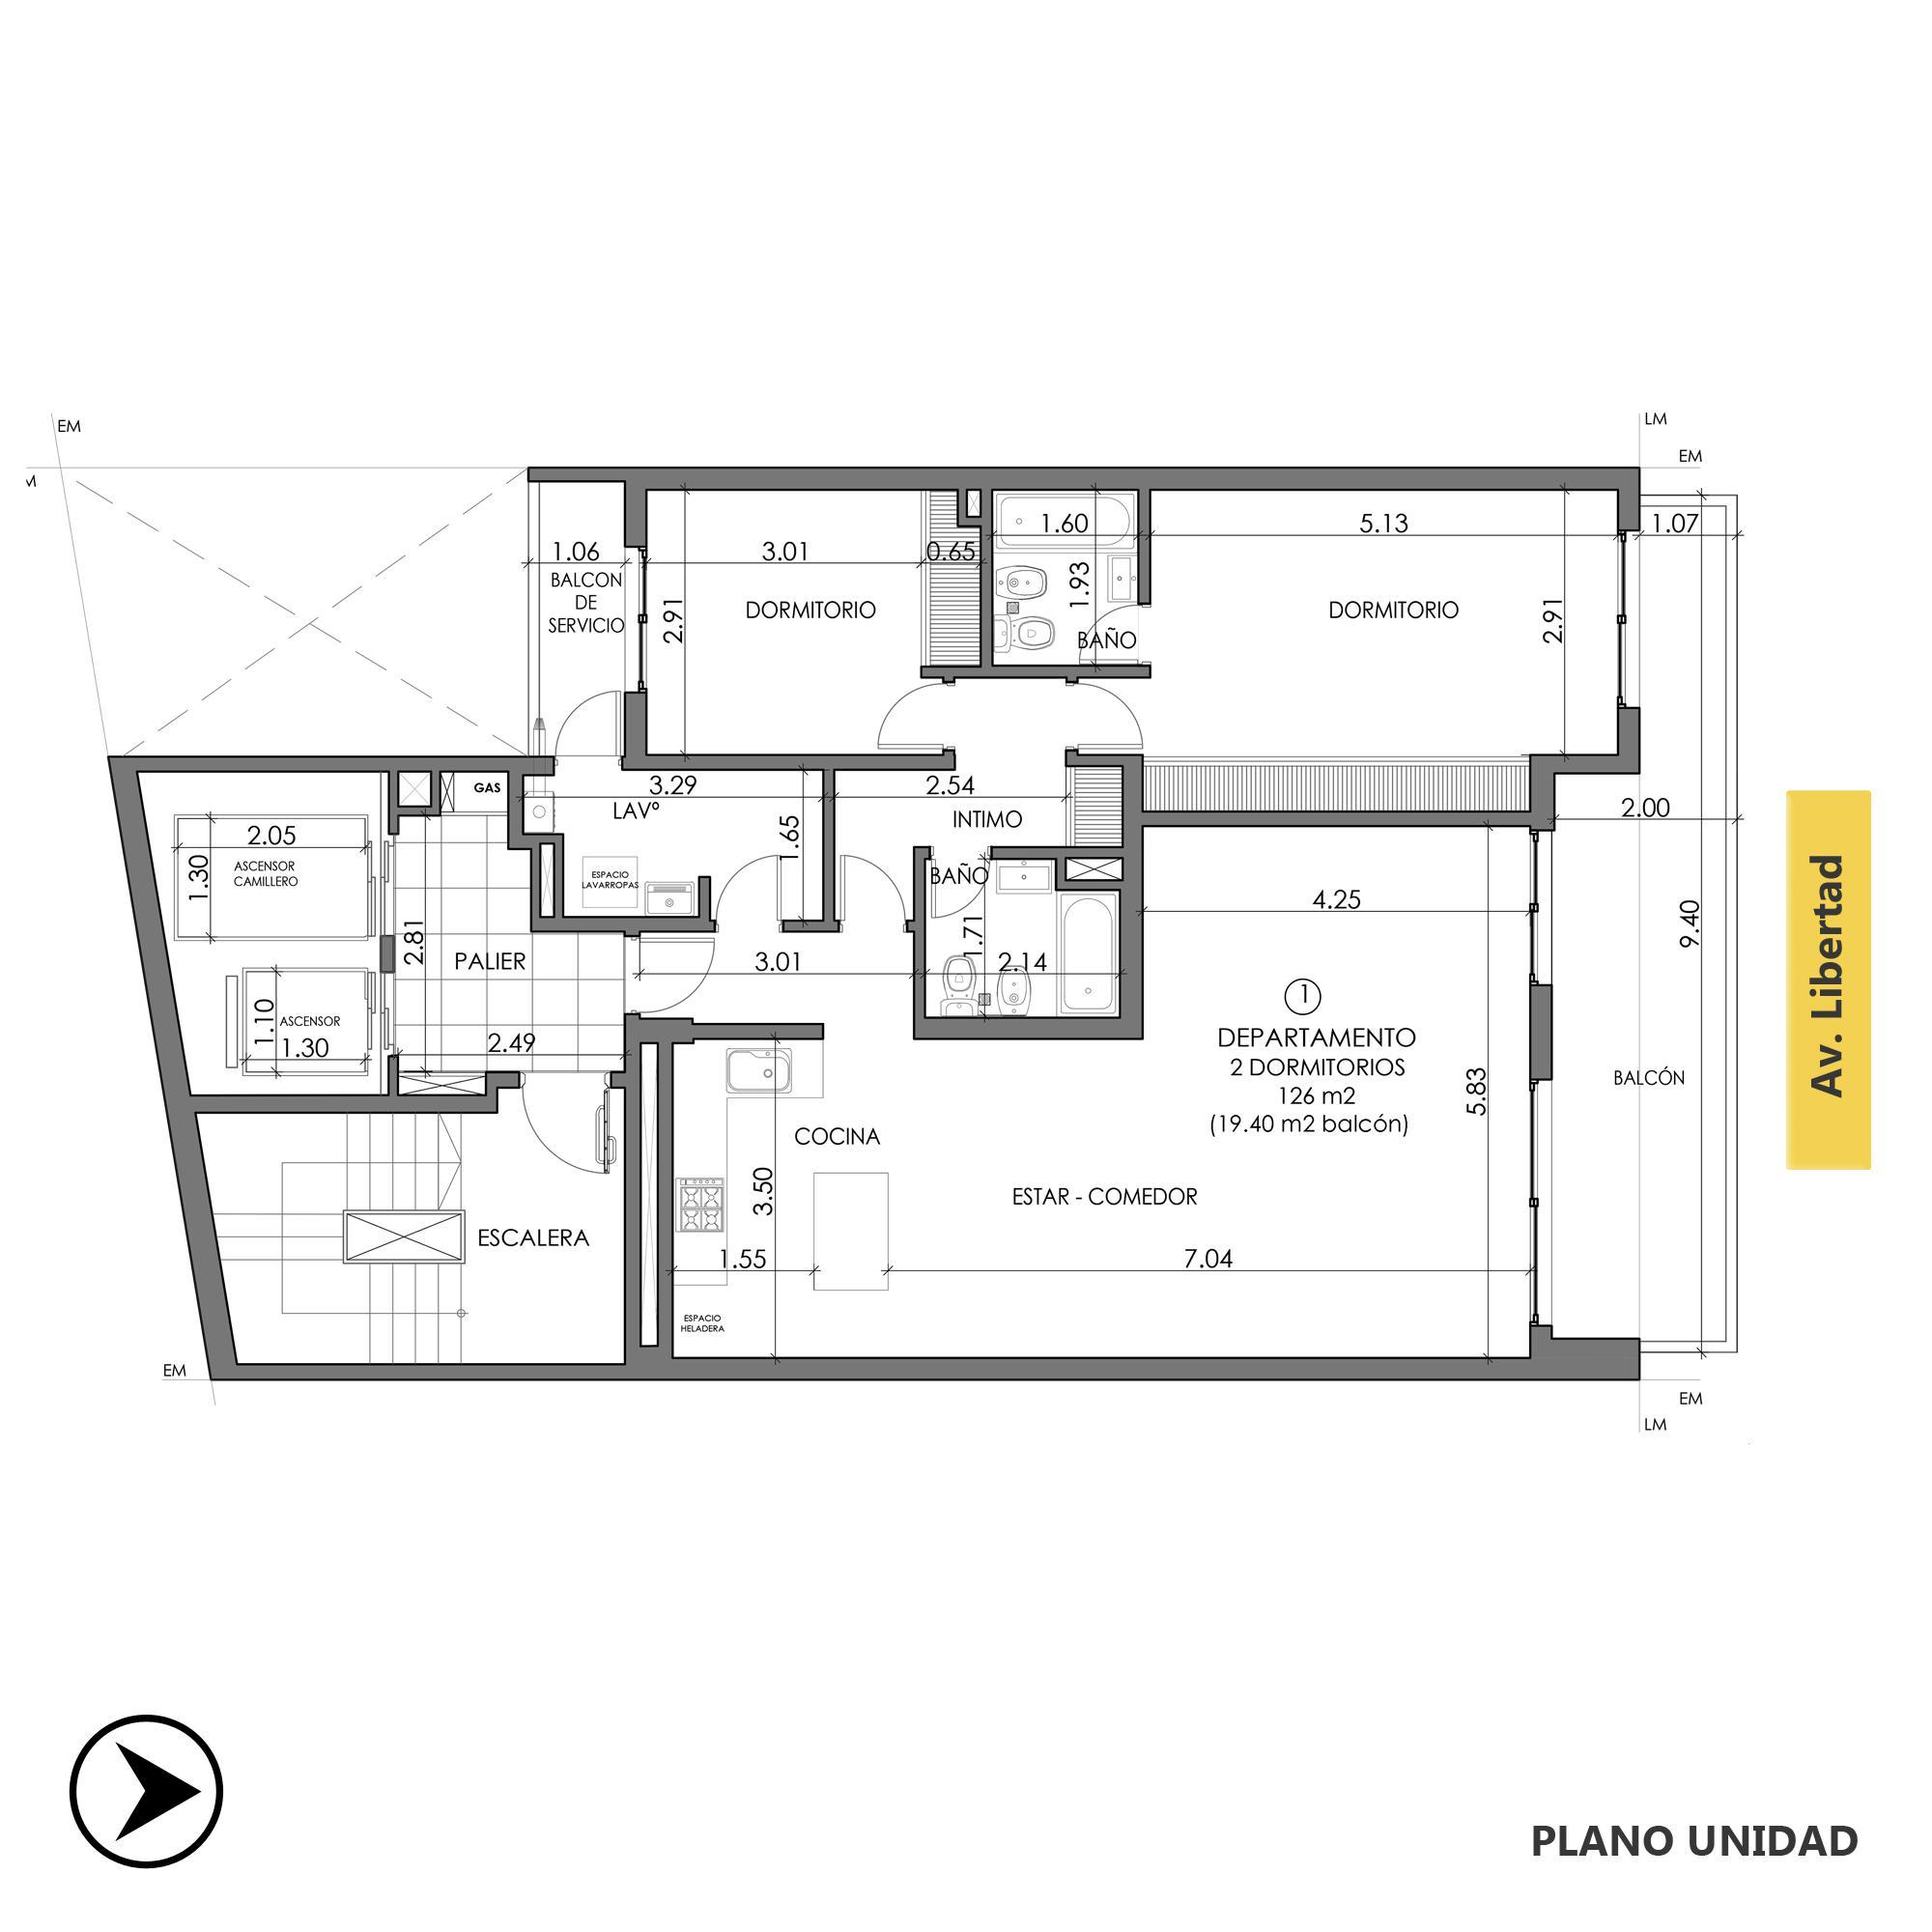 Venta departamento 2 dormitorios Rosario, Centro. Cod CBU20816 AP2039449. Crestale Propiedades